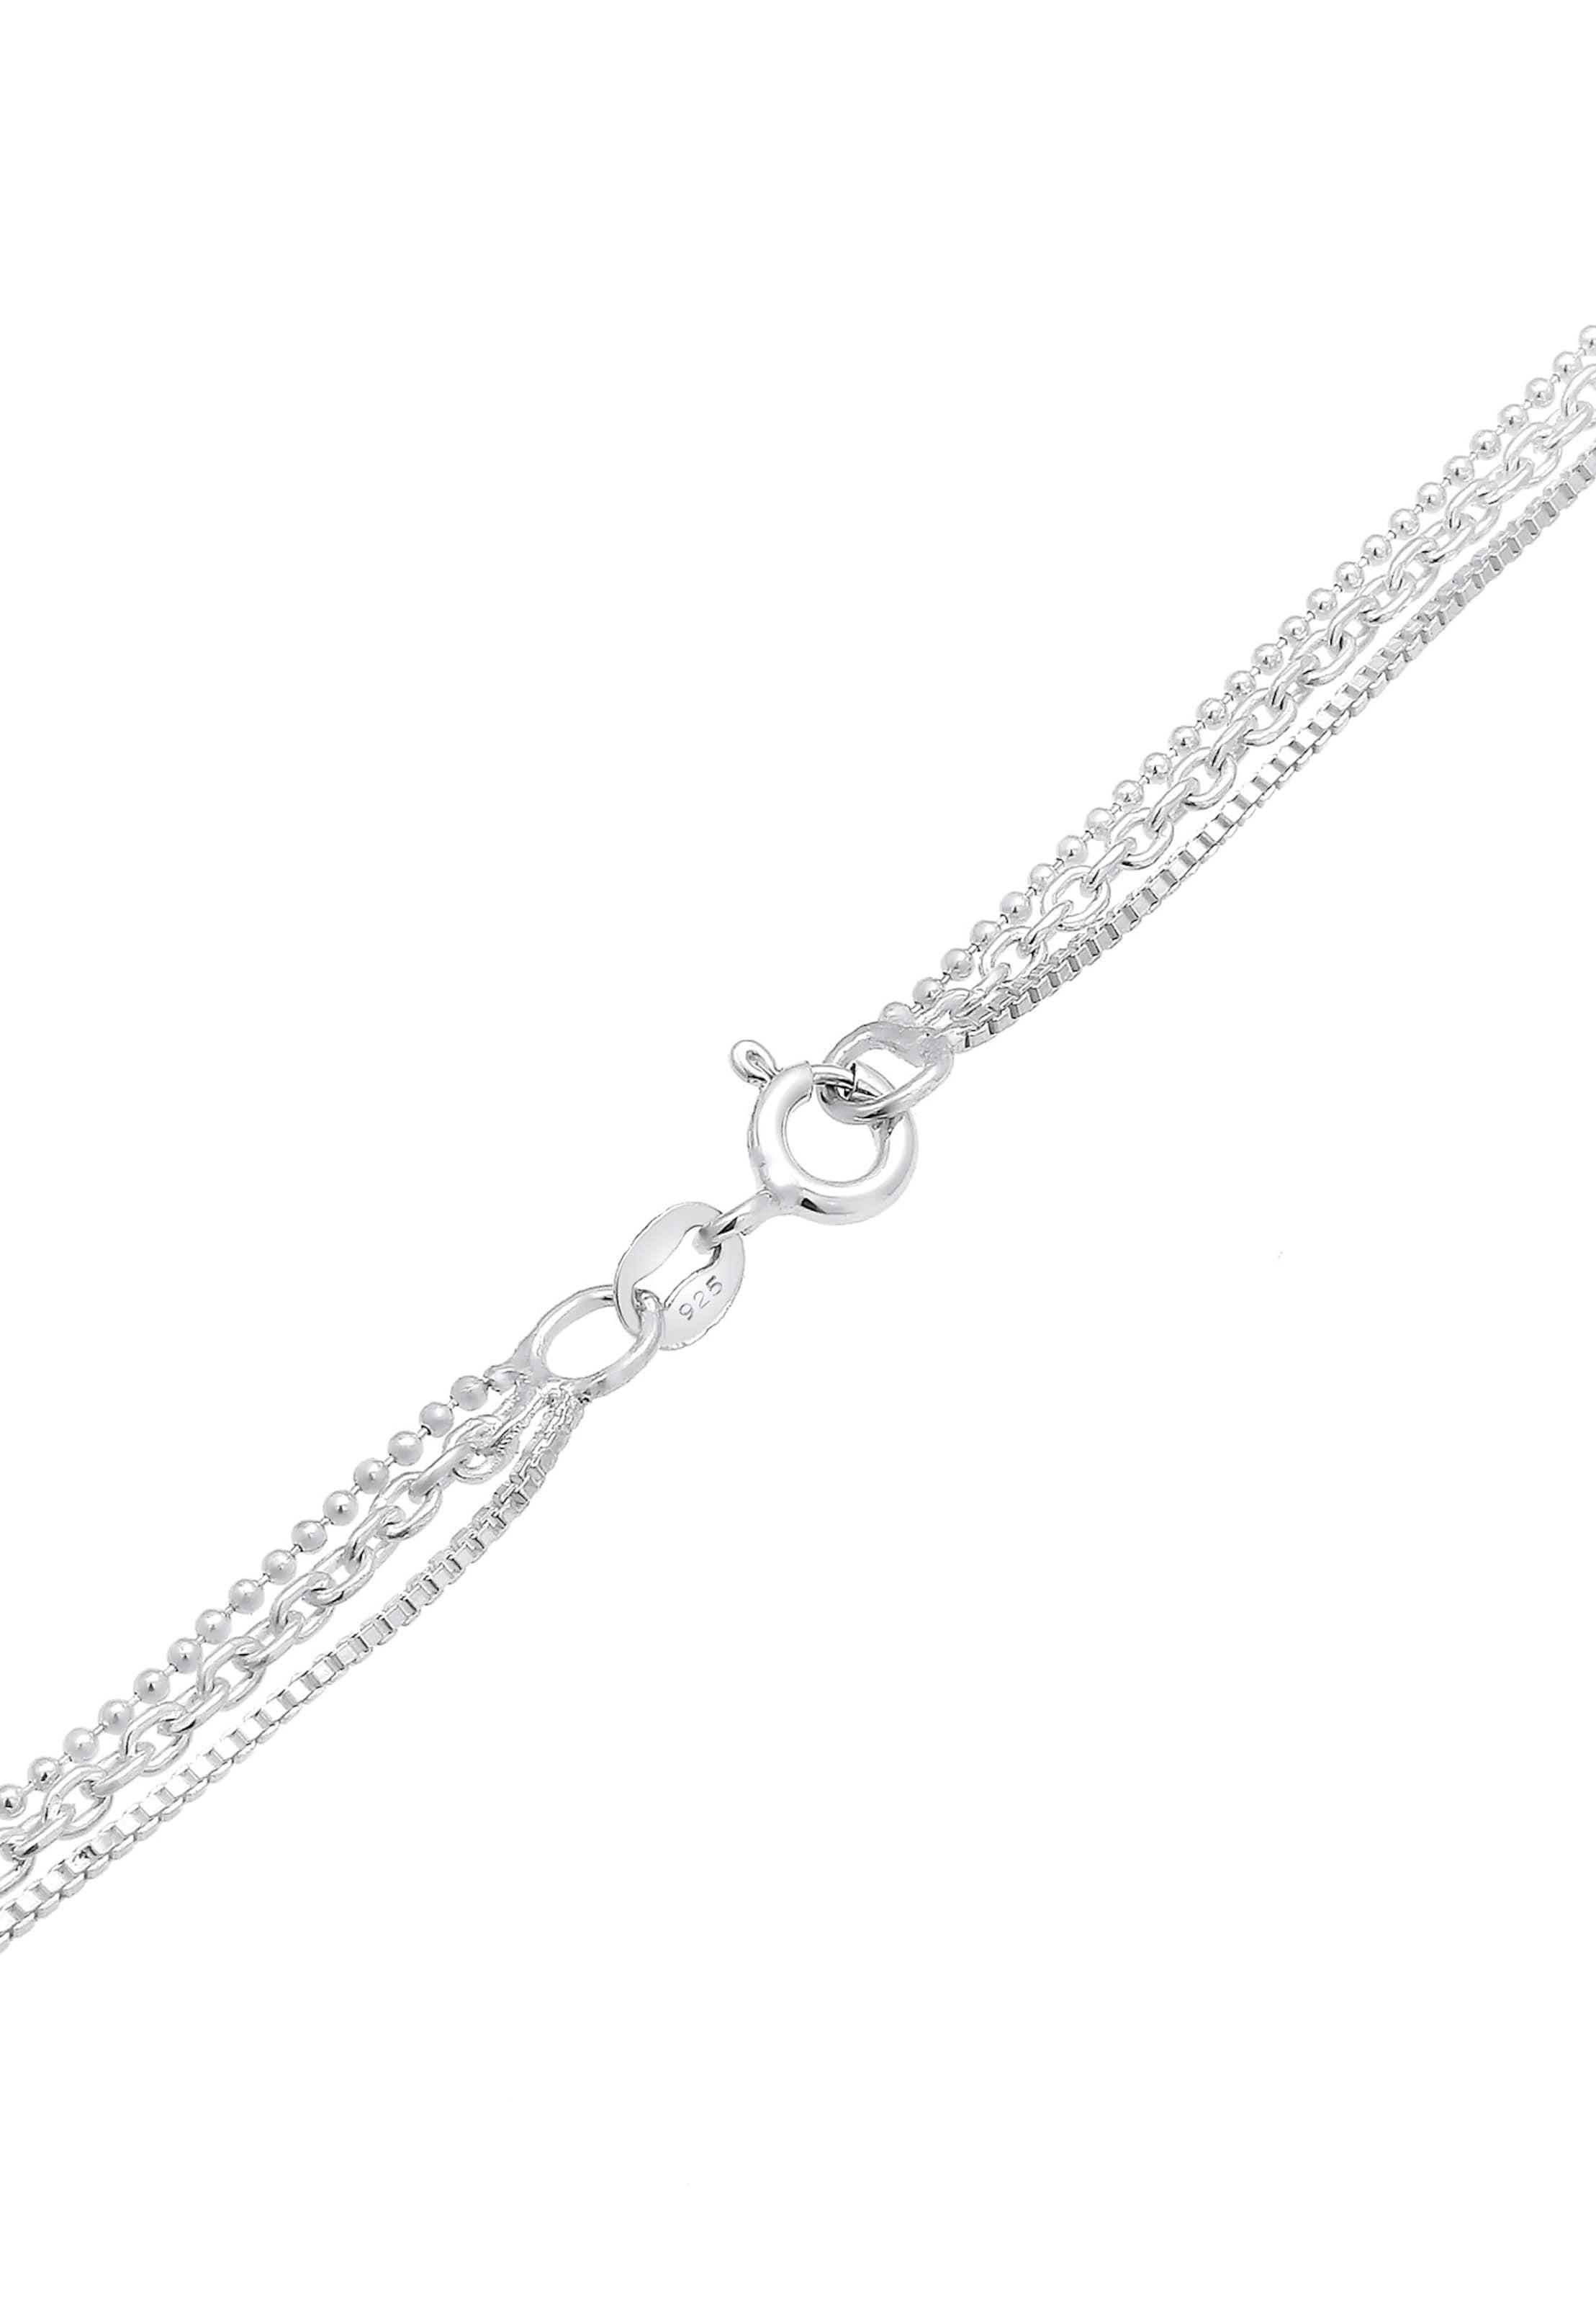 Silber Halskette Silber In Elli Halskette In In Elli Elli Elli Silber Halskette MVqSUzp